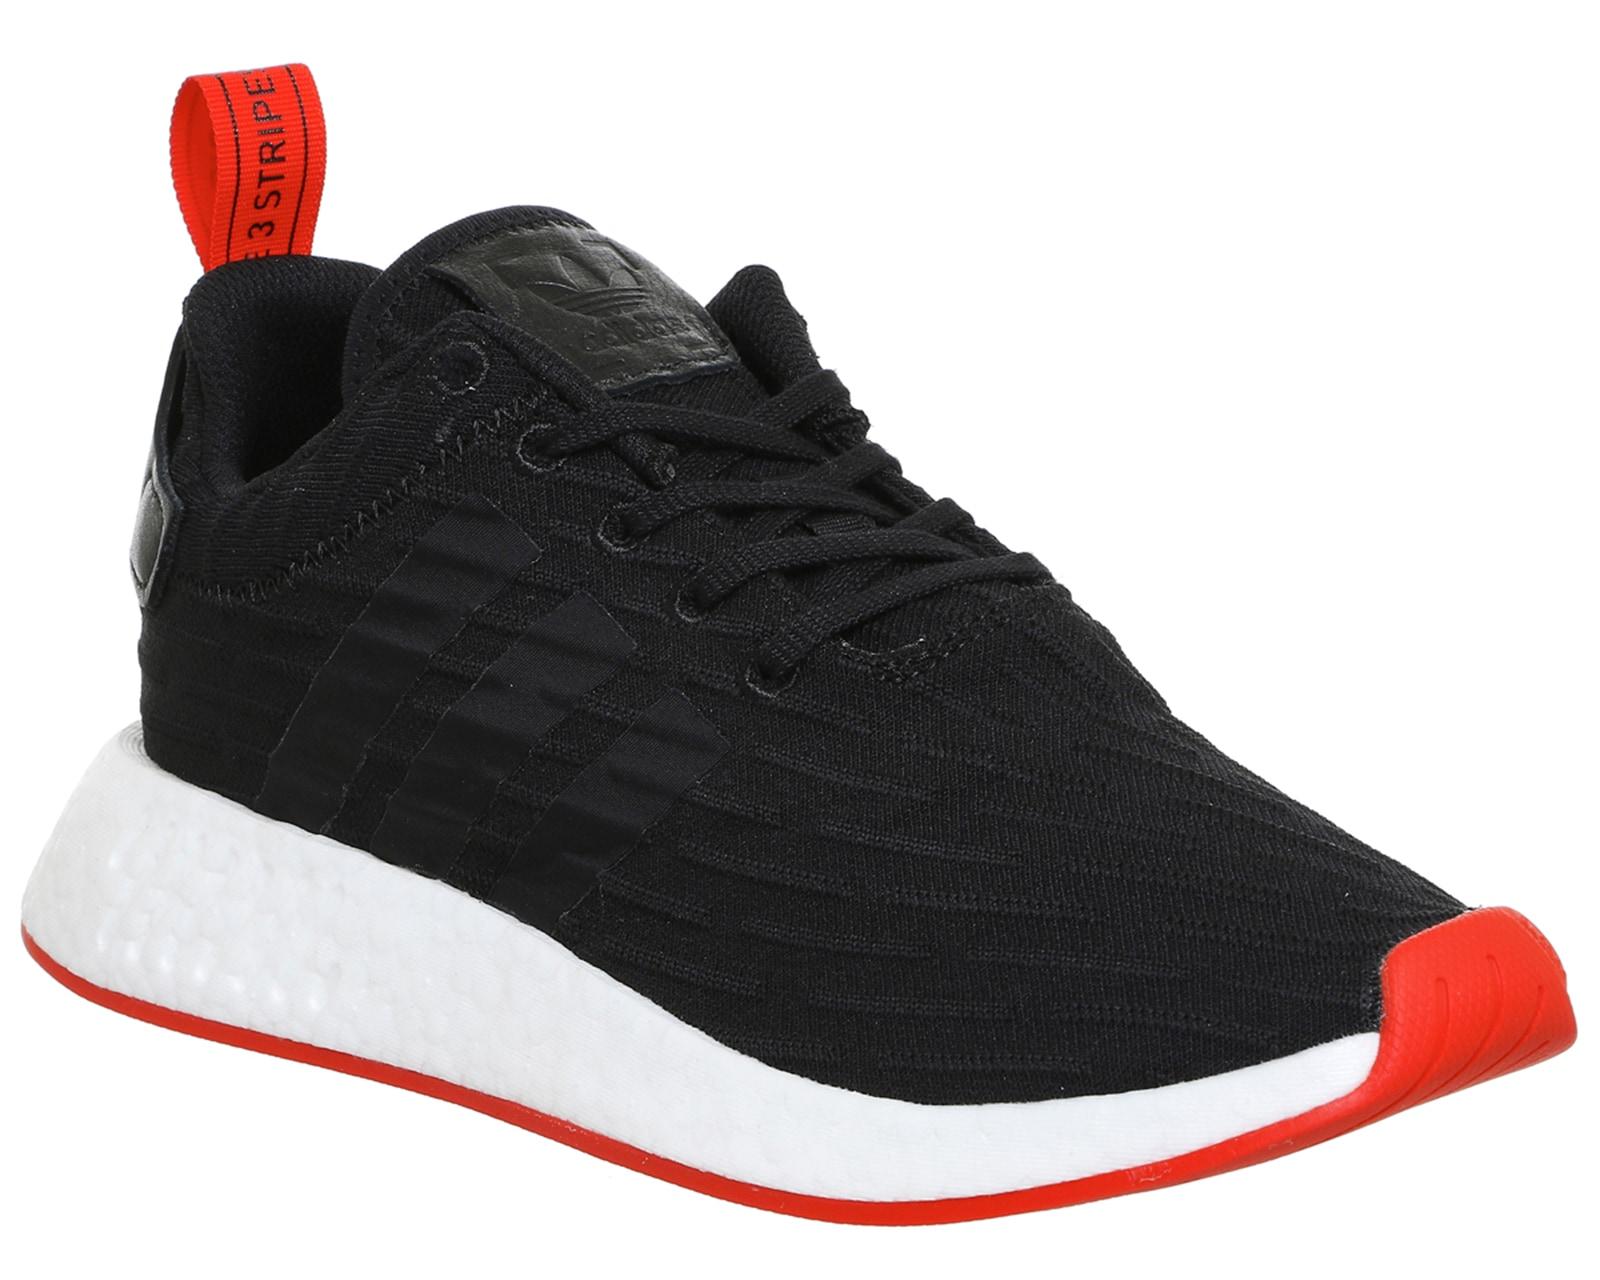 Cheap Adidas nmd xr1 primeknit Vyhledávání na Heureka.cz